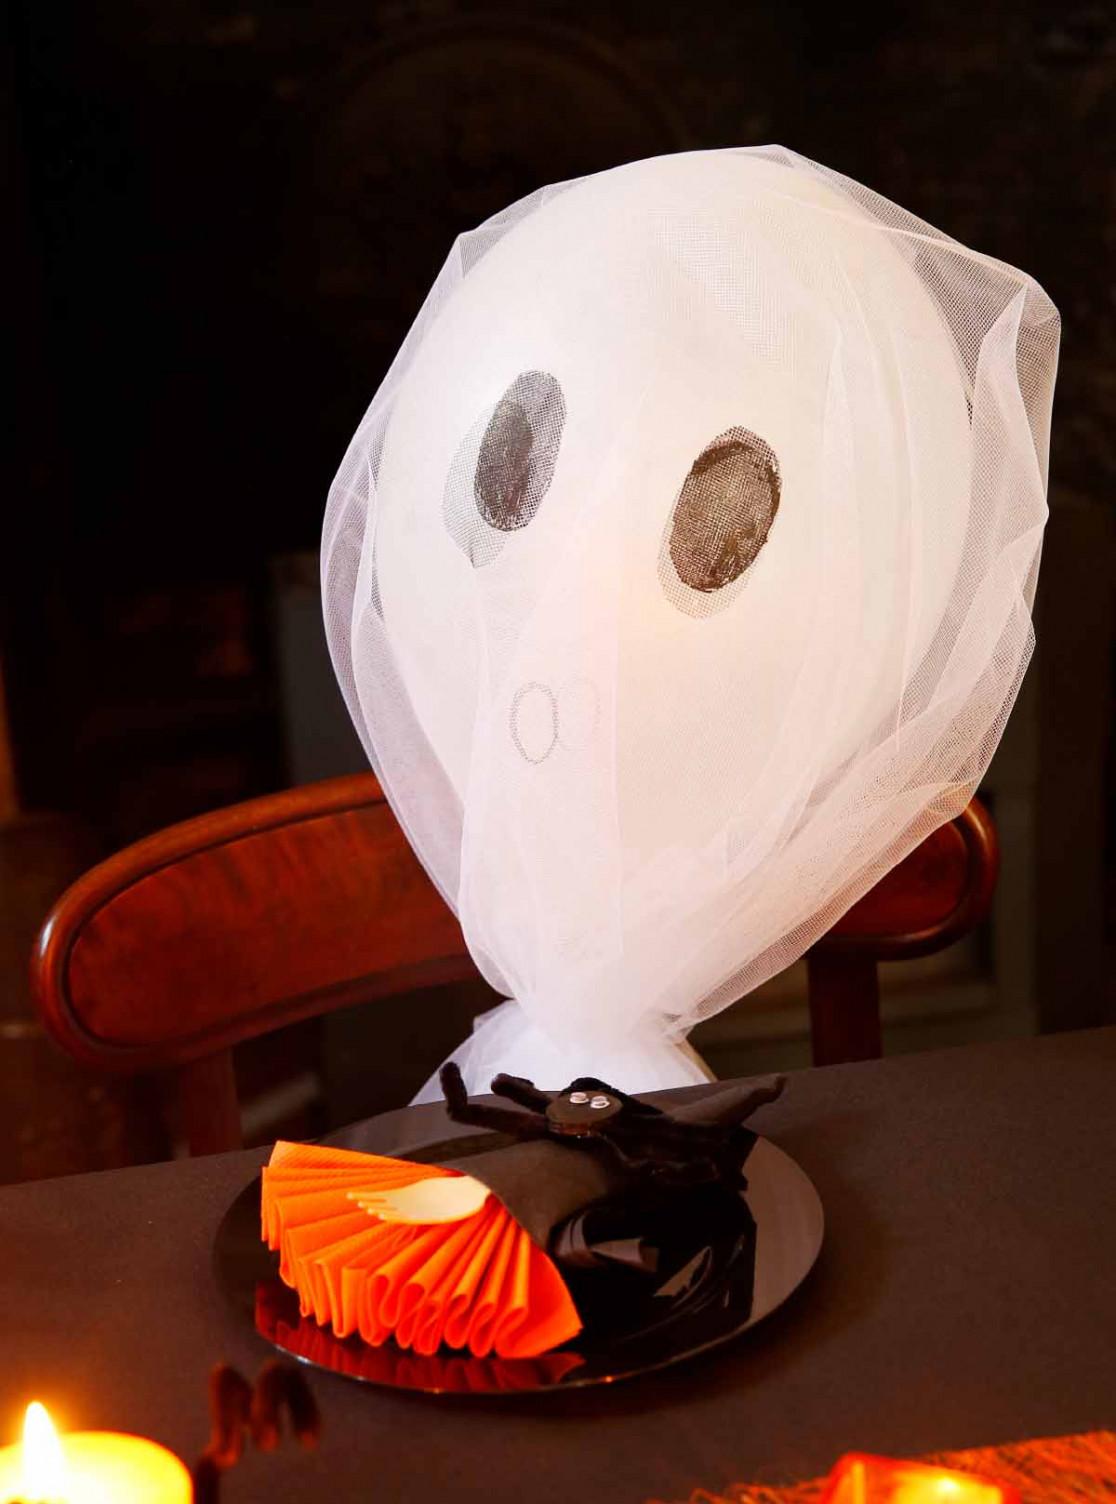 Tekenen En Zo Halloween.Bangelijke Knutselwerkjes Voor Halloween